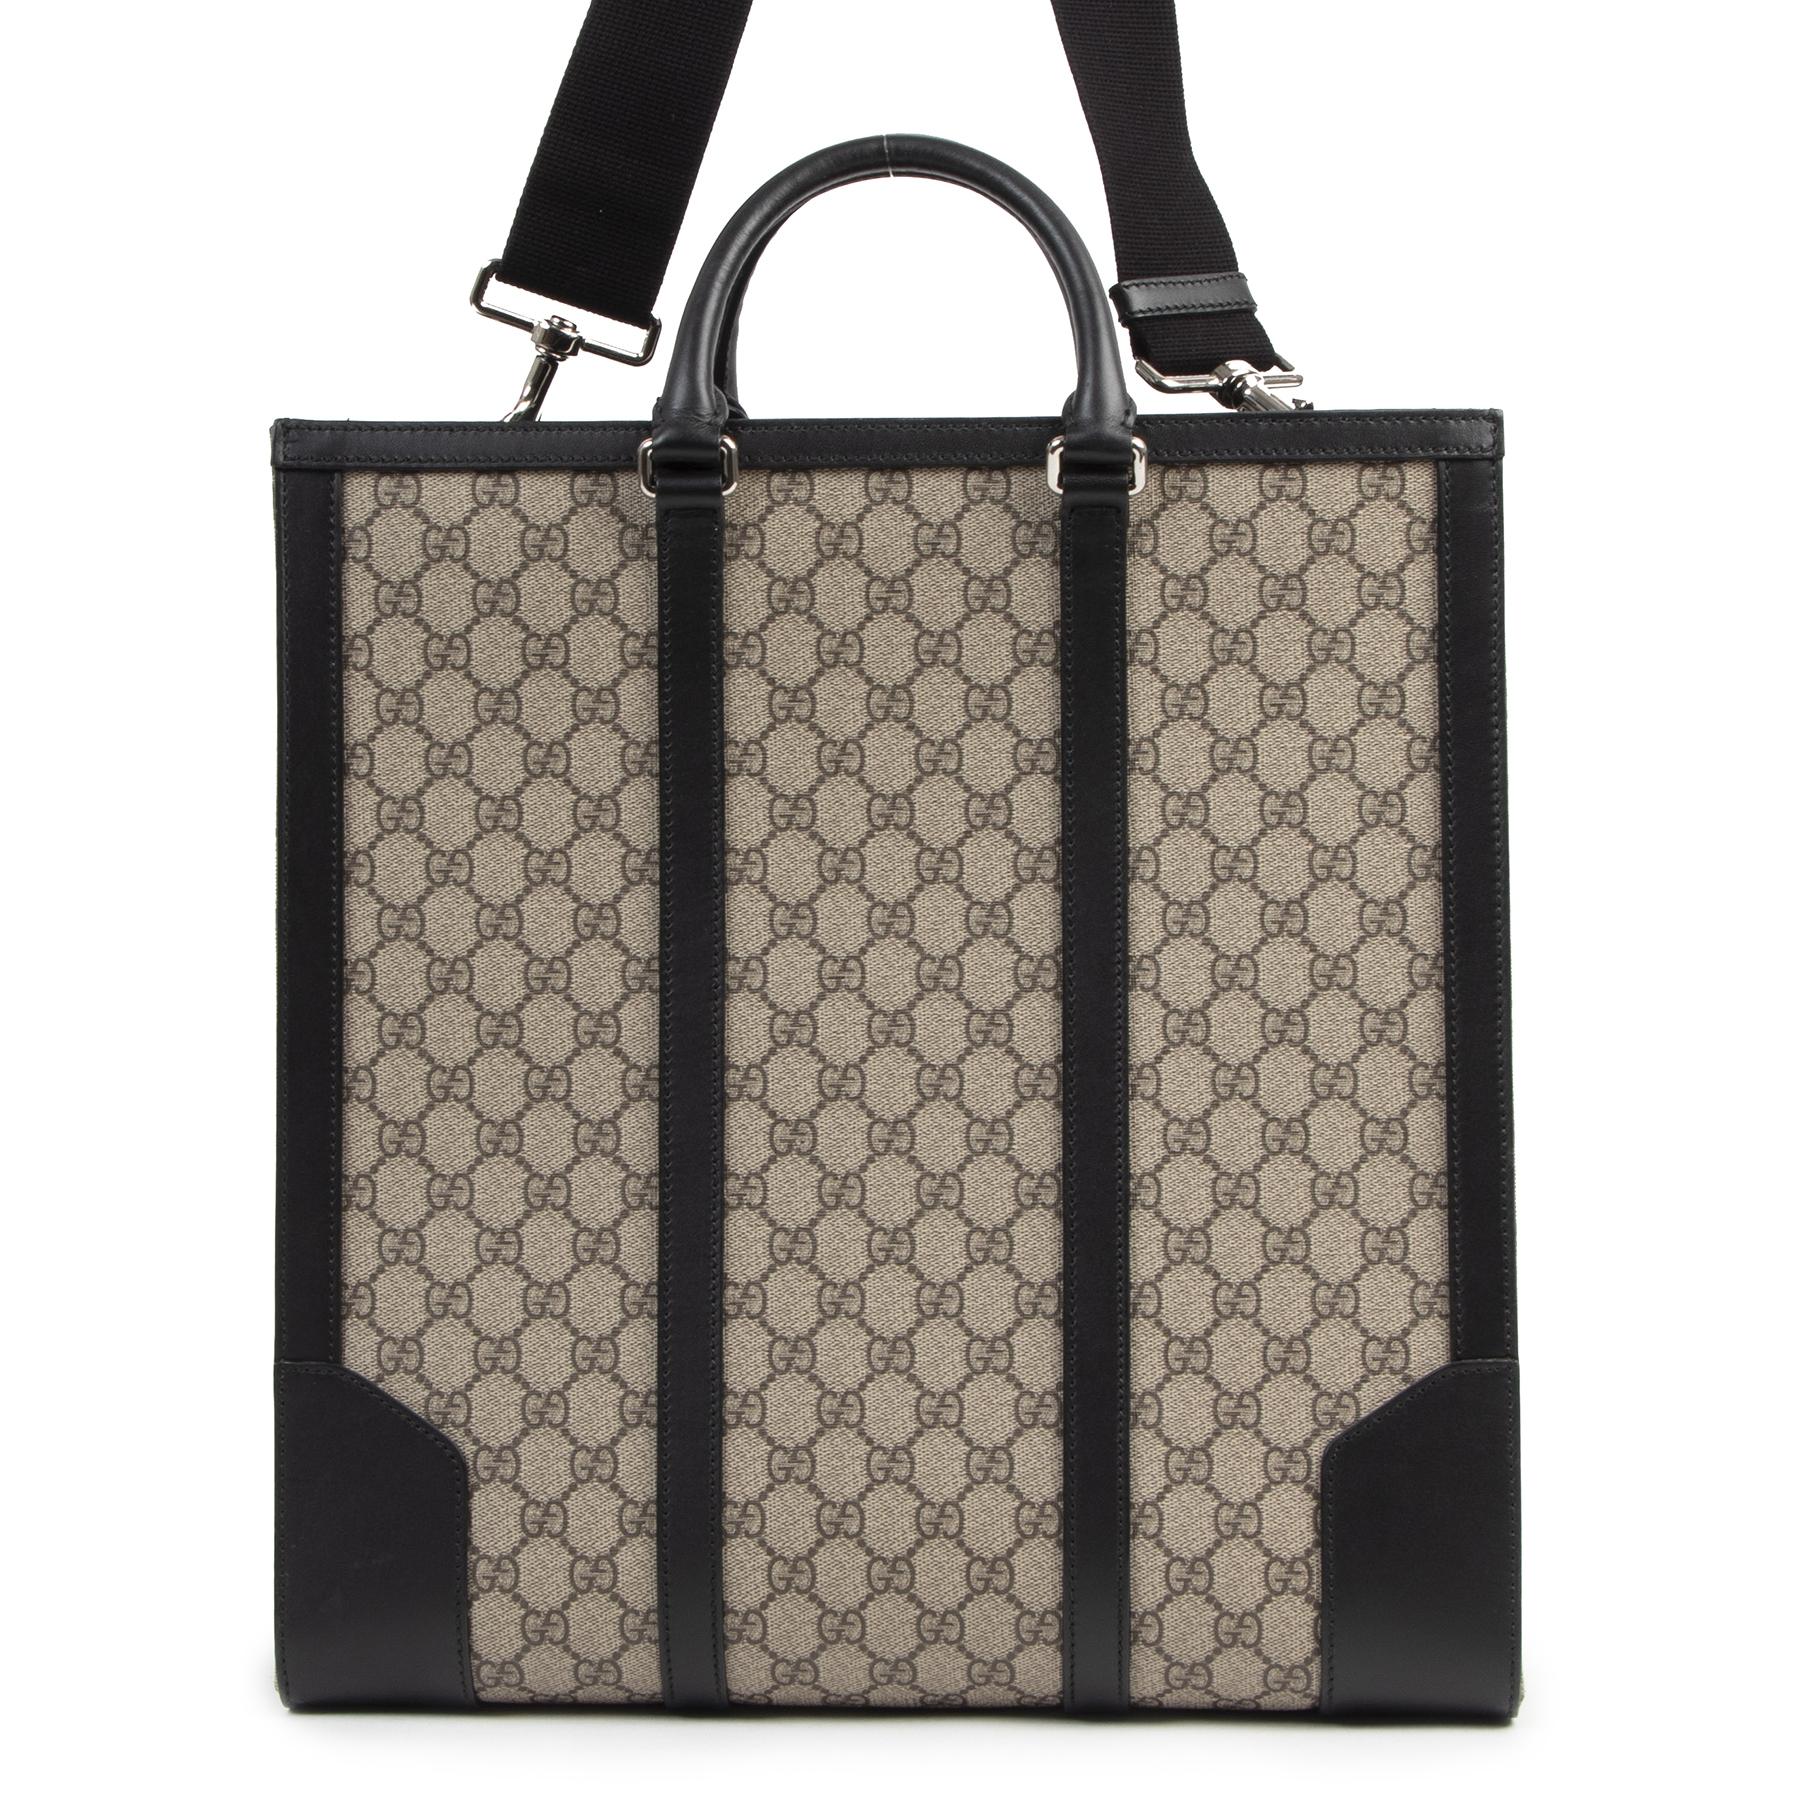 Authentieke Tweedehands Gucci GG Supreme Beige Tote Bag juiste prijs veilig online shoppen luxe merken webshop winkelen Antwerpen België mode fashion